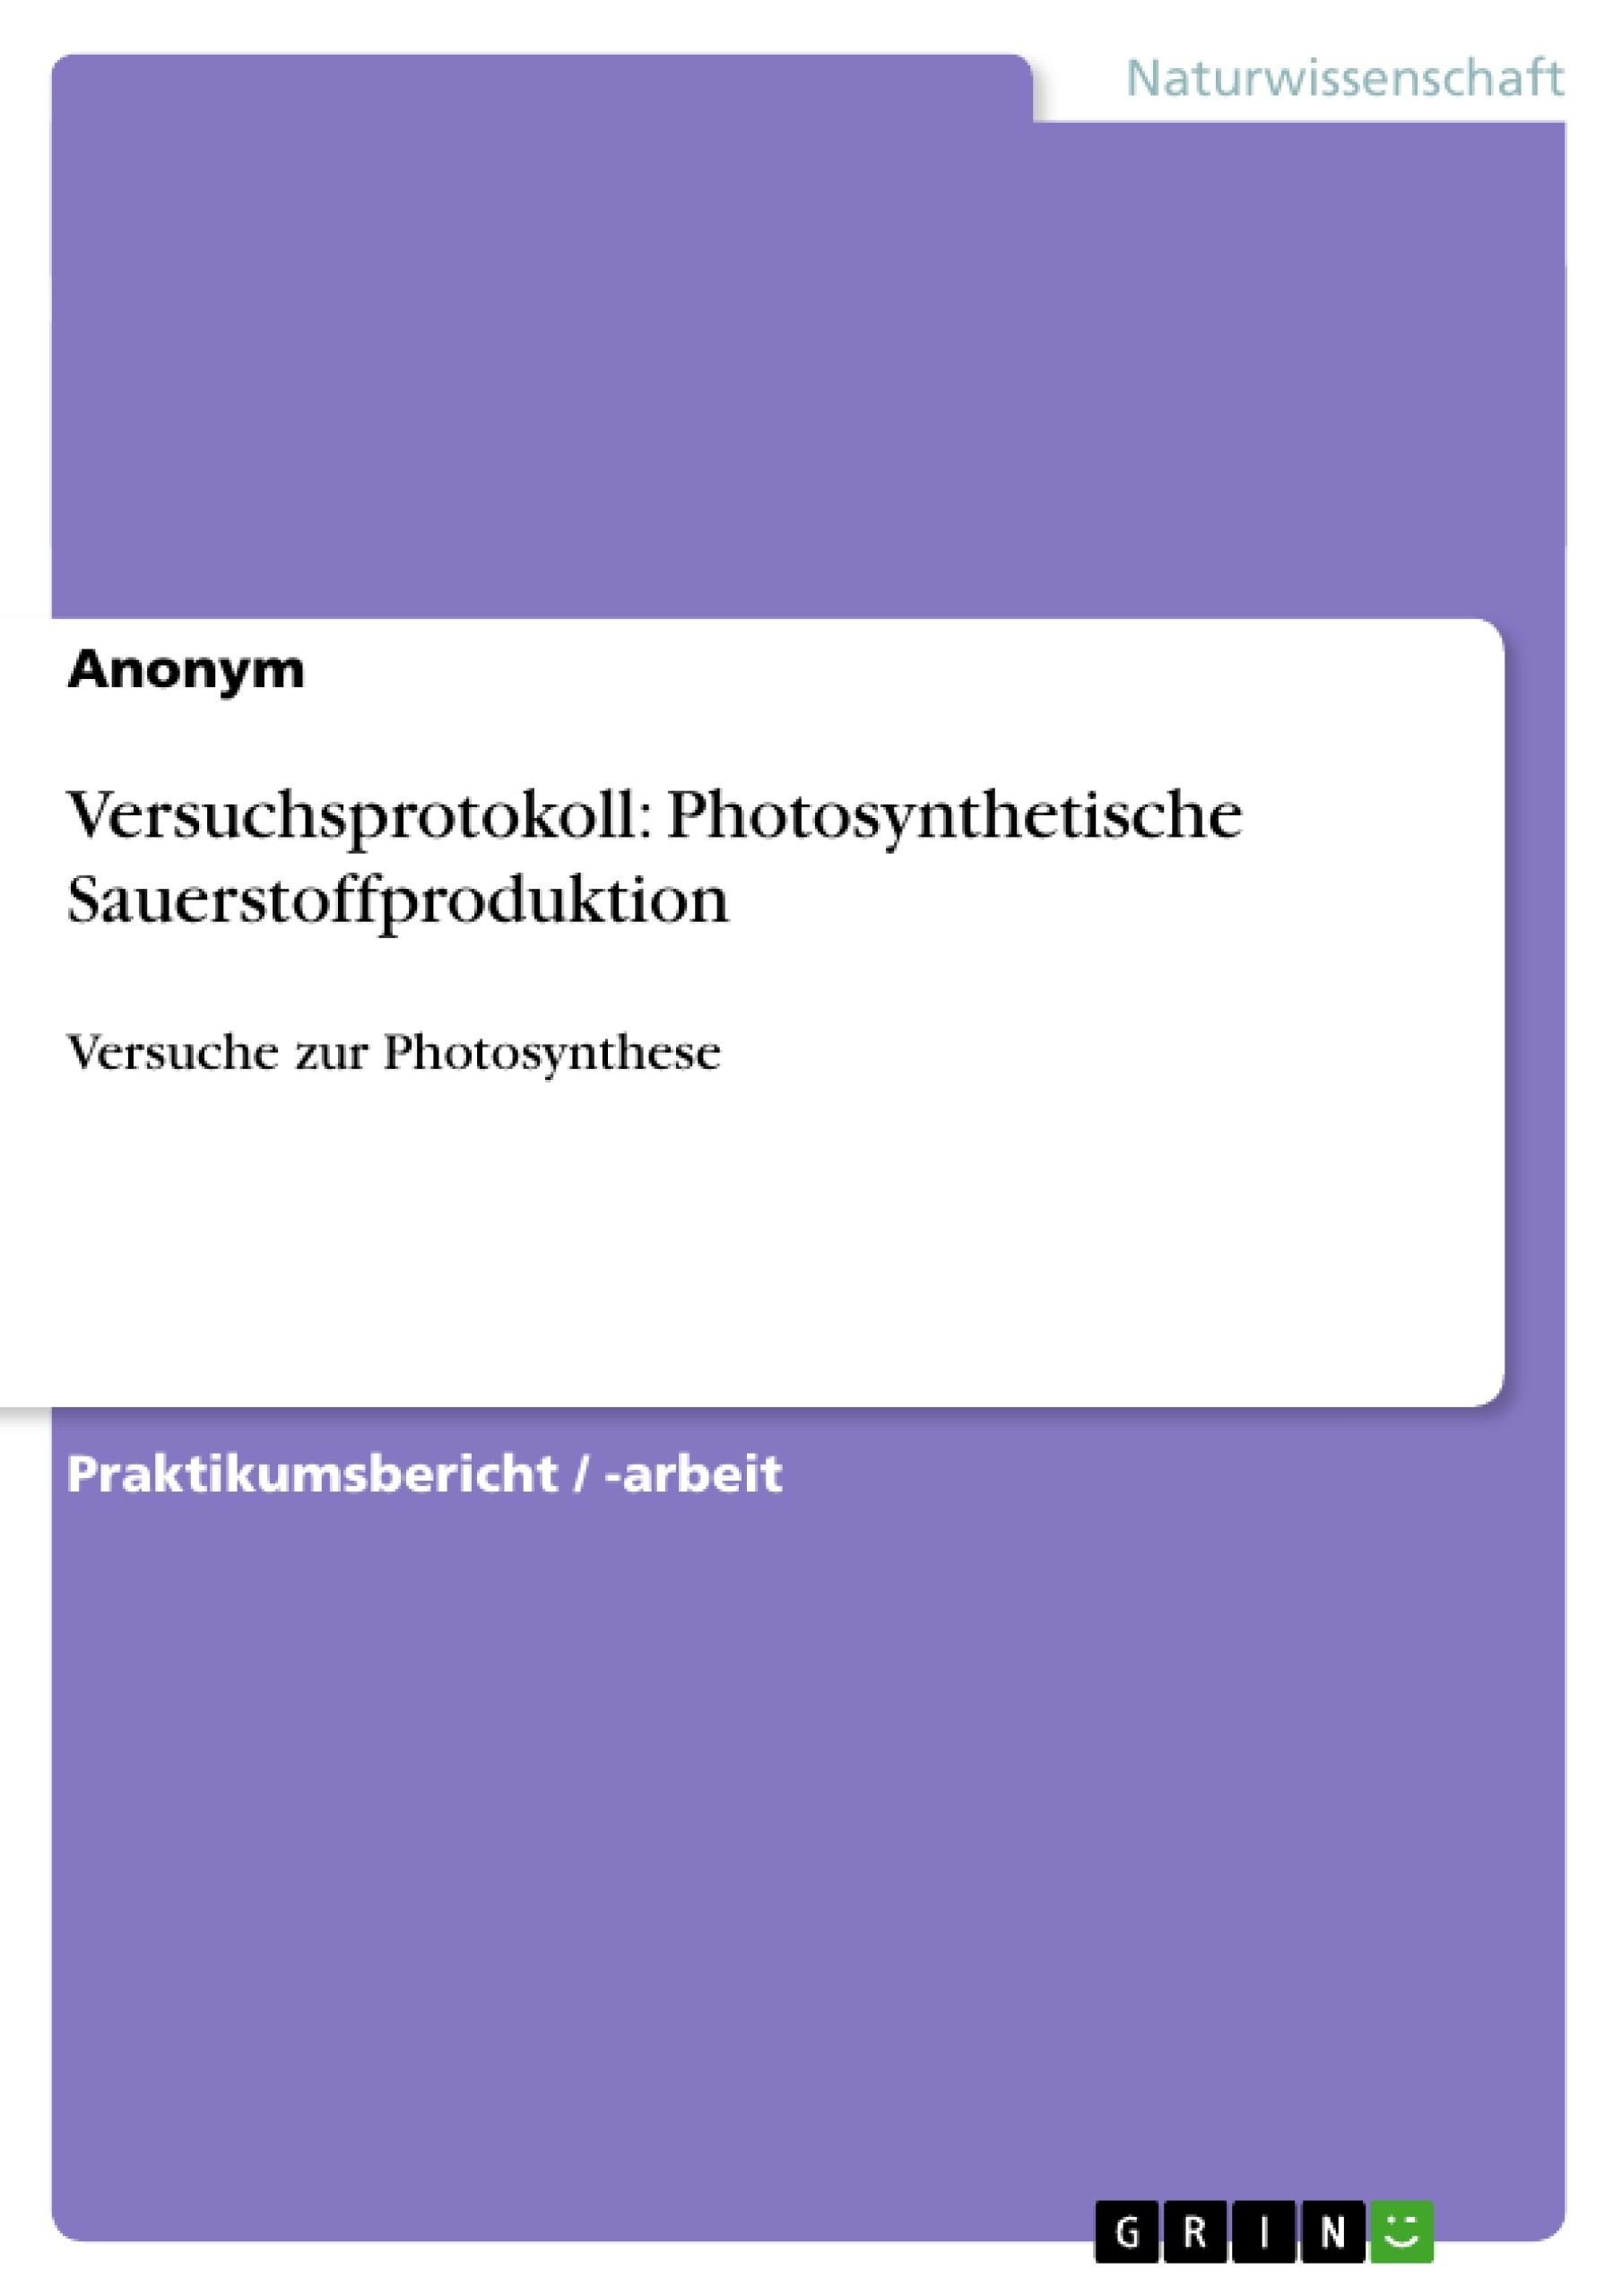 Titel: Versuchsprotokoll: Photosynthetische Sauerstoffproduktion